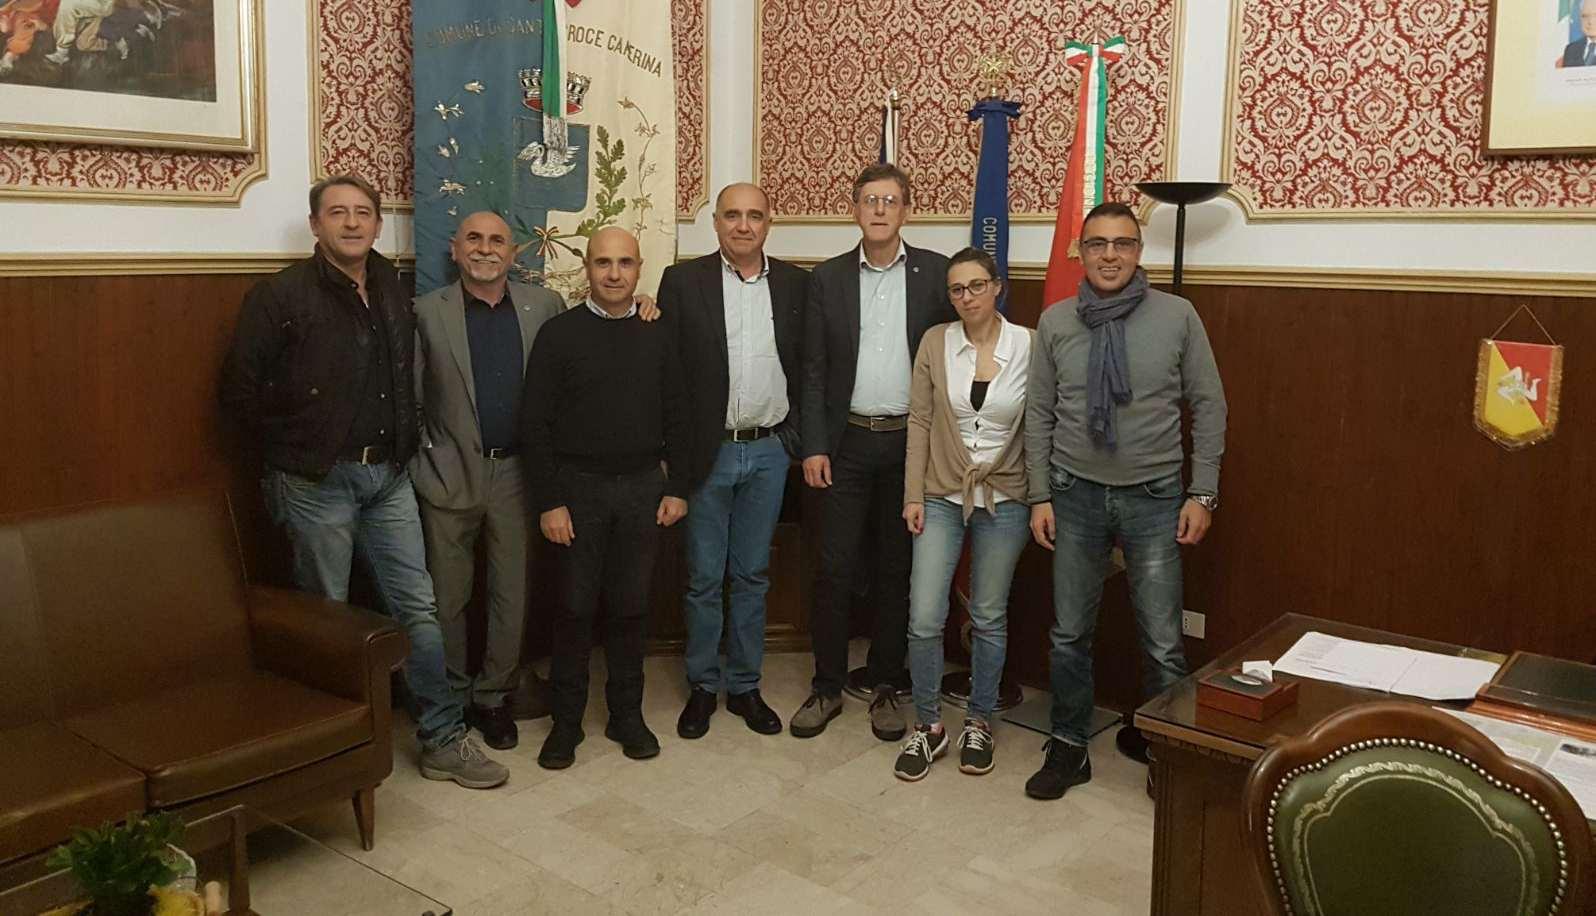 Gli artigiani incontrano il sindaco: summit su Paes, Prg e centro storico